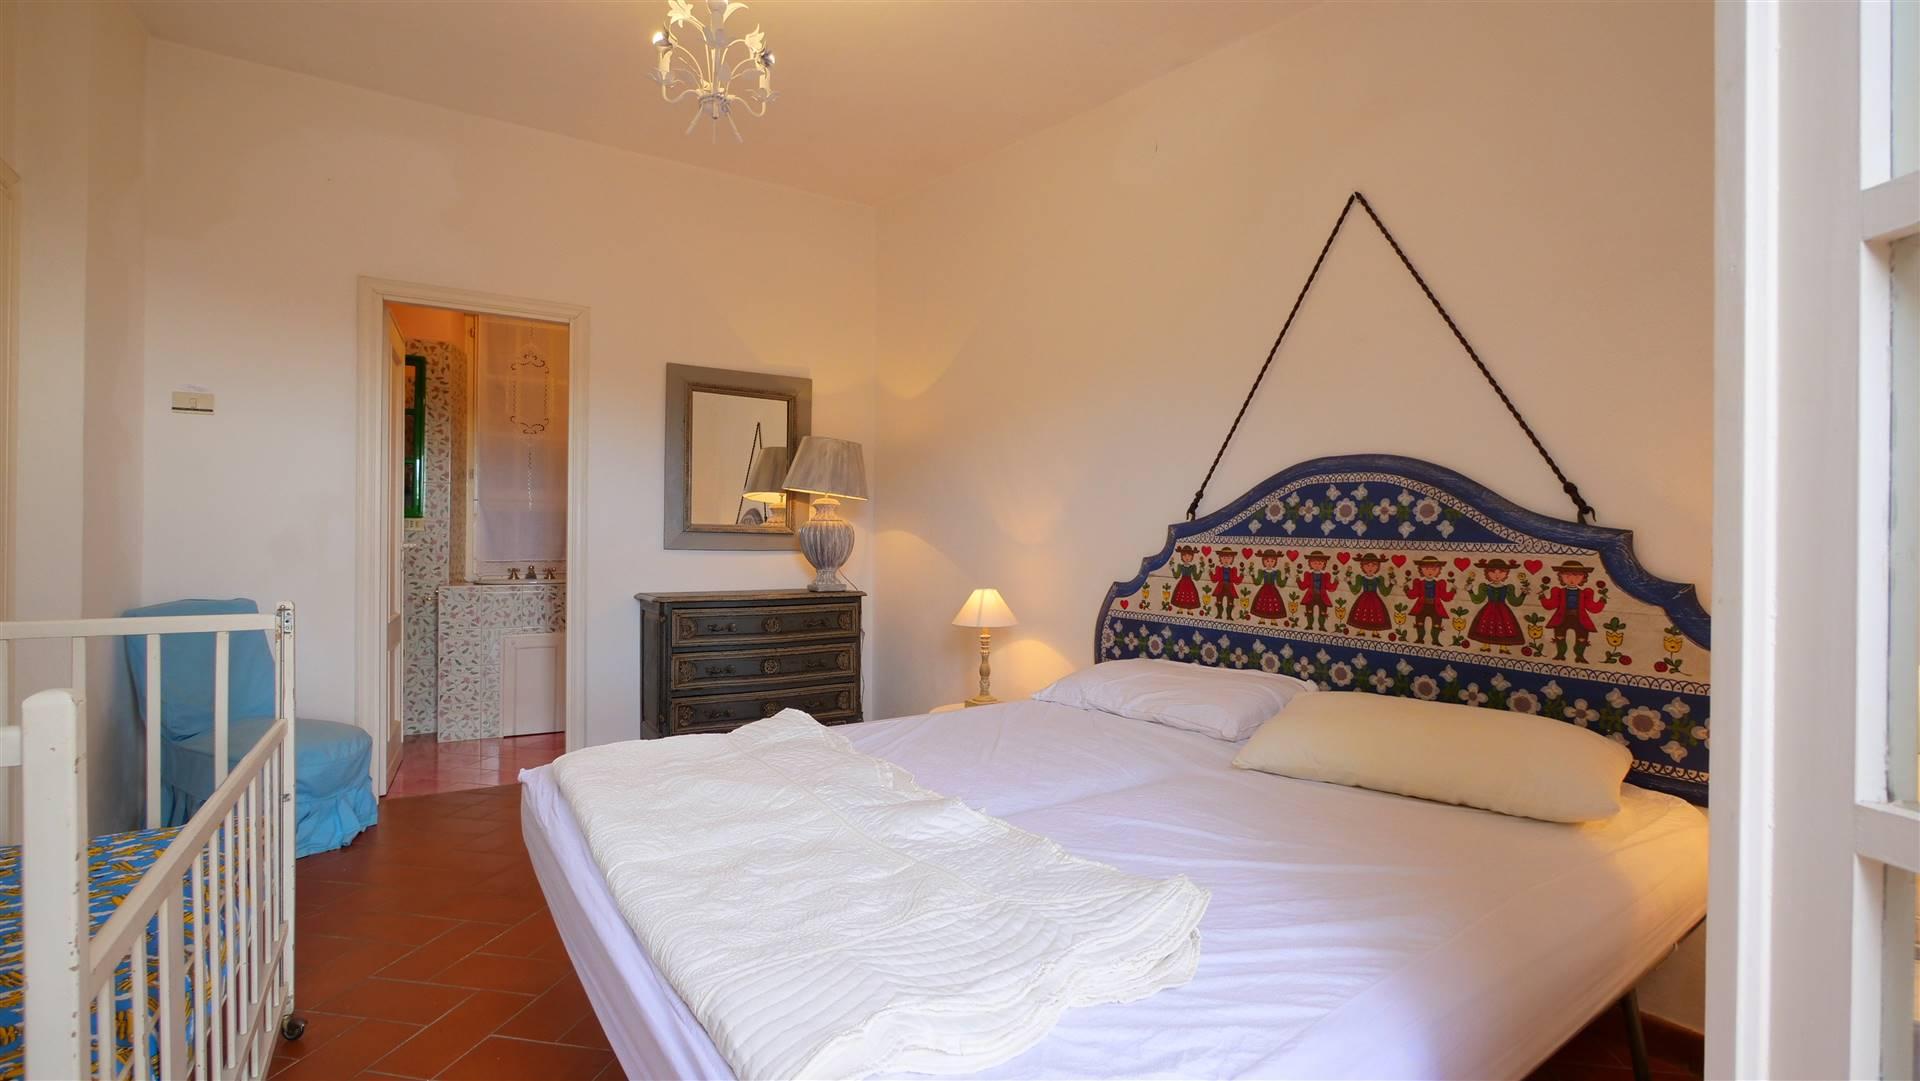 Appartamento in vendita a Levanto, 6 locali, zona ine, prezzo € 220.000   PortaleAgenzieImmobiliari.it